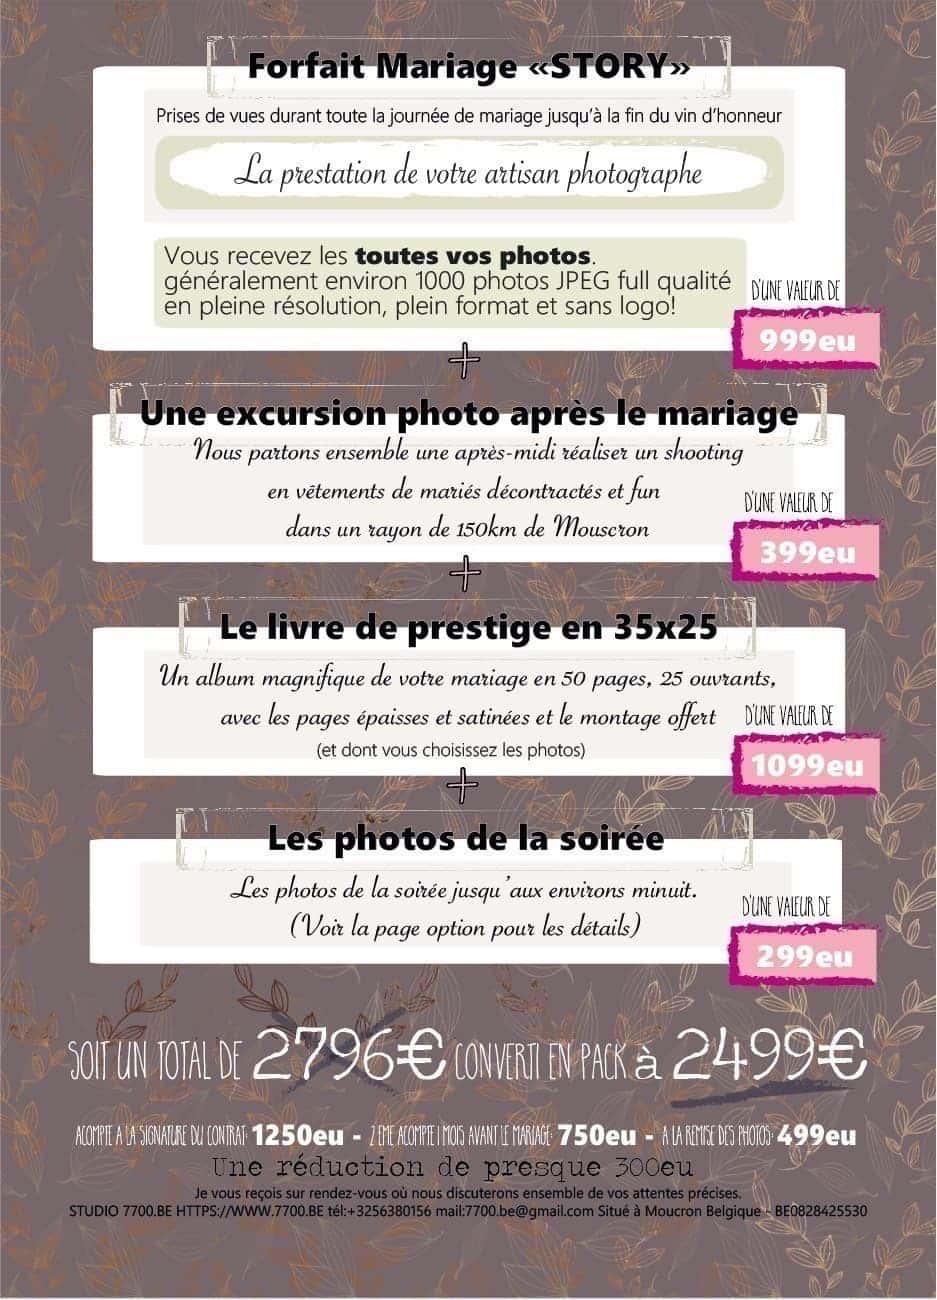 Tarif 2018 des reportages de mariages du STUDIO 7700.BE Pour tous renseignements n'hésitez pas à nous contacter et prendre rendez-vous: c'est gratuit et sans engagement!!!